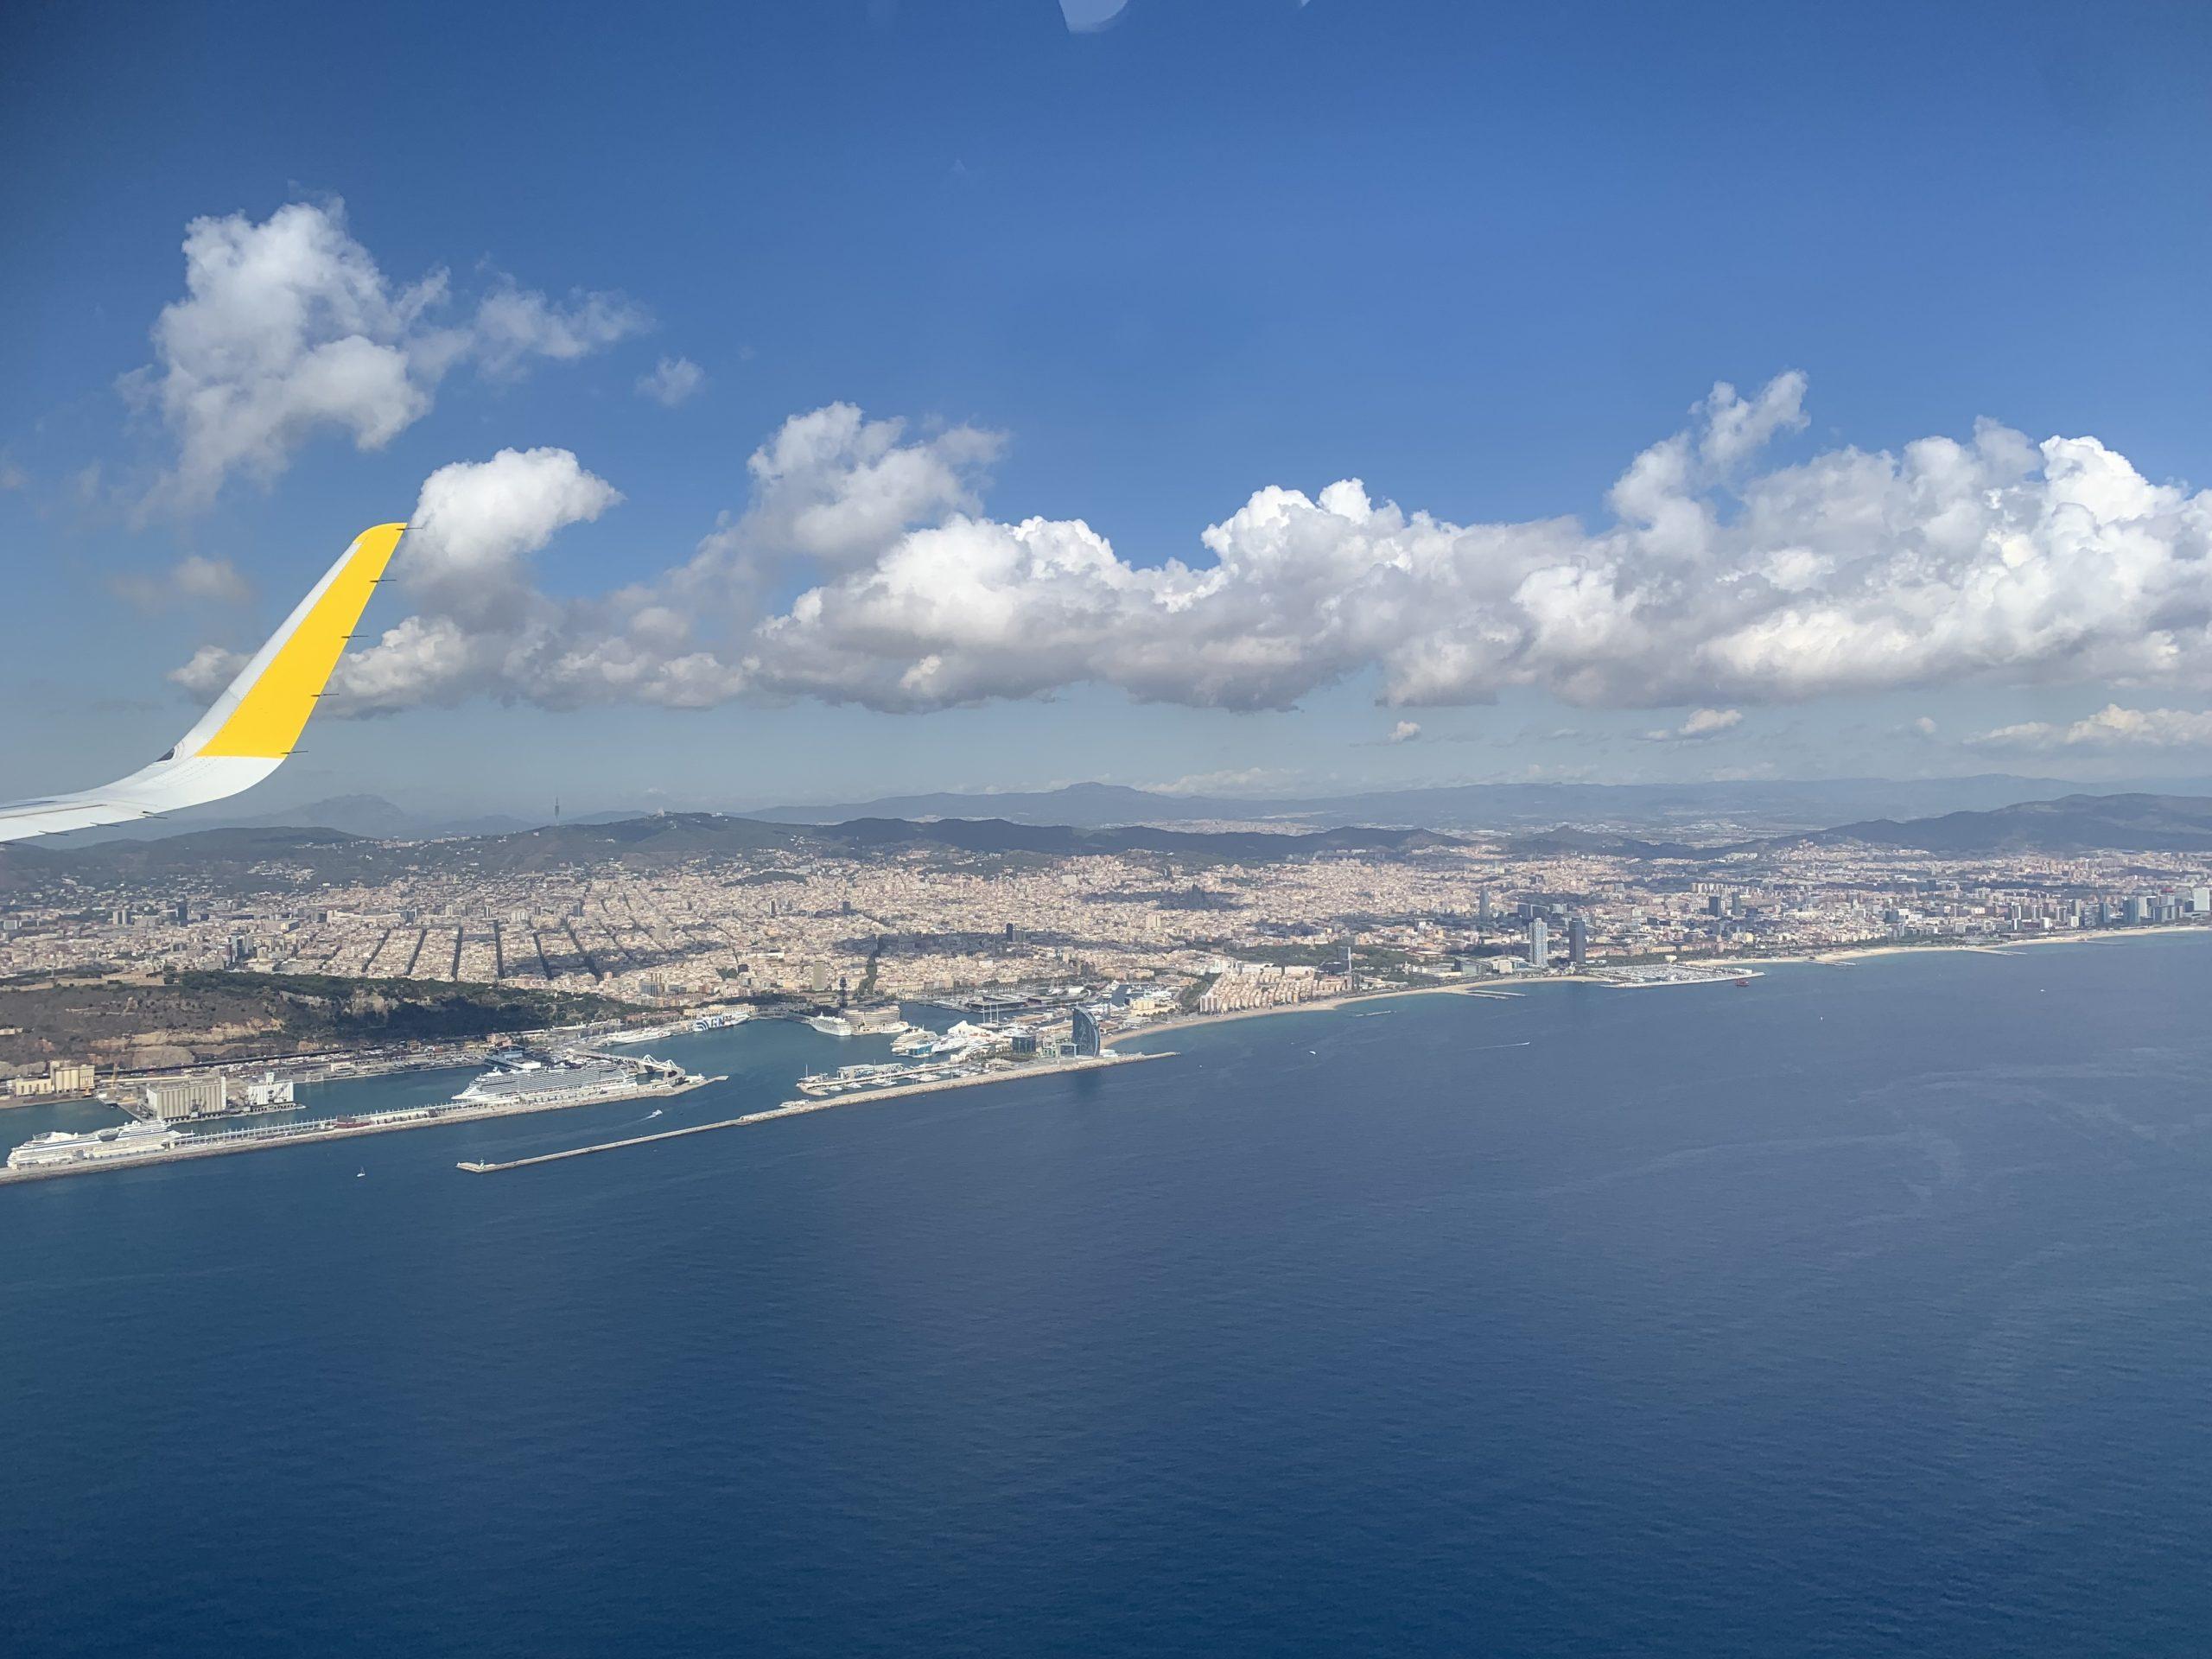 aanvliegen Barcelona